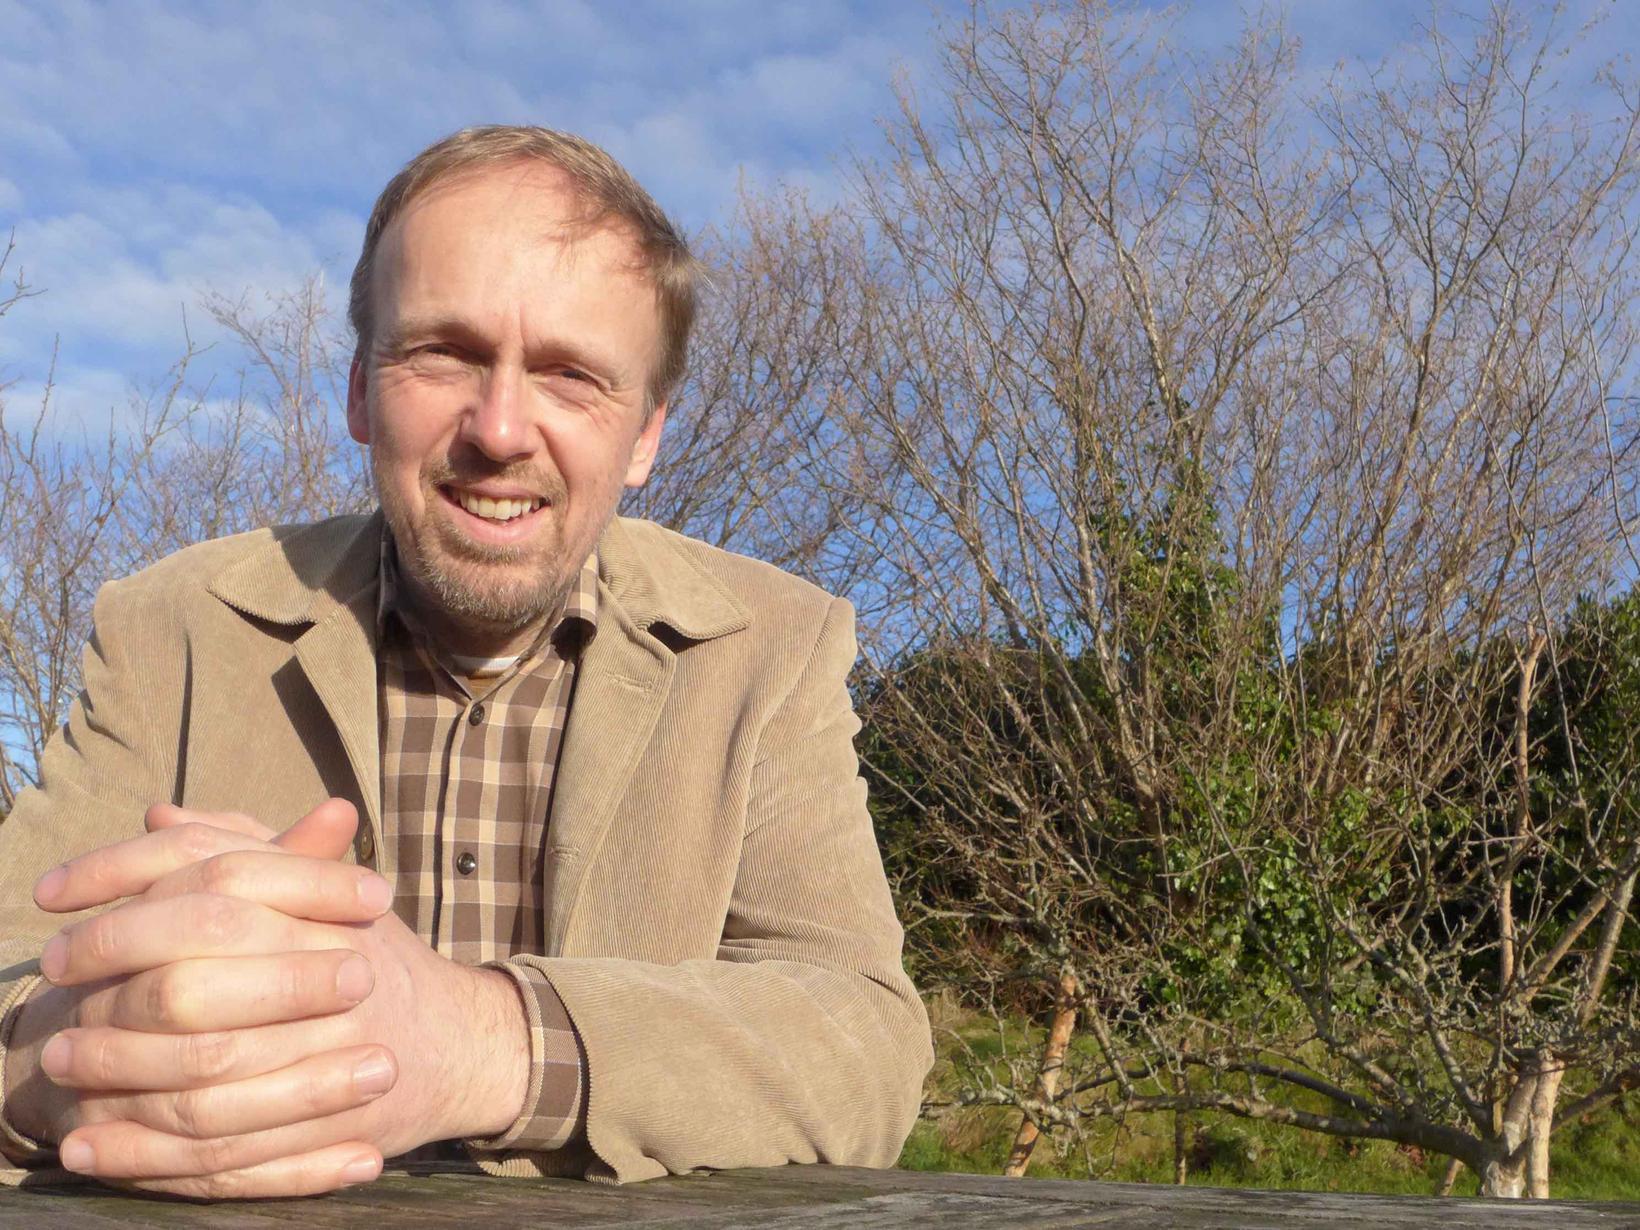 Allan from Machynlleth, United Kingdom